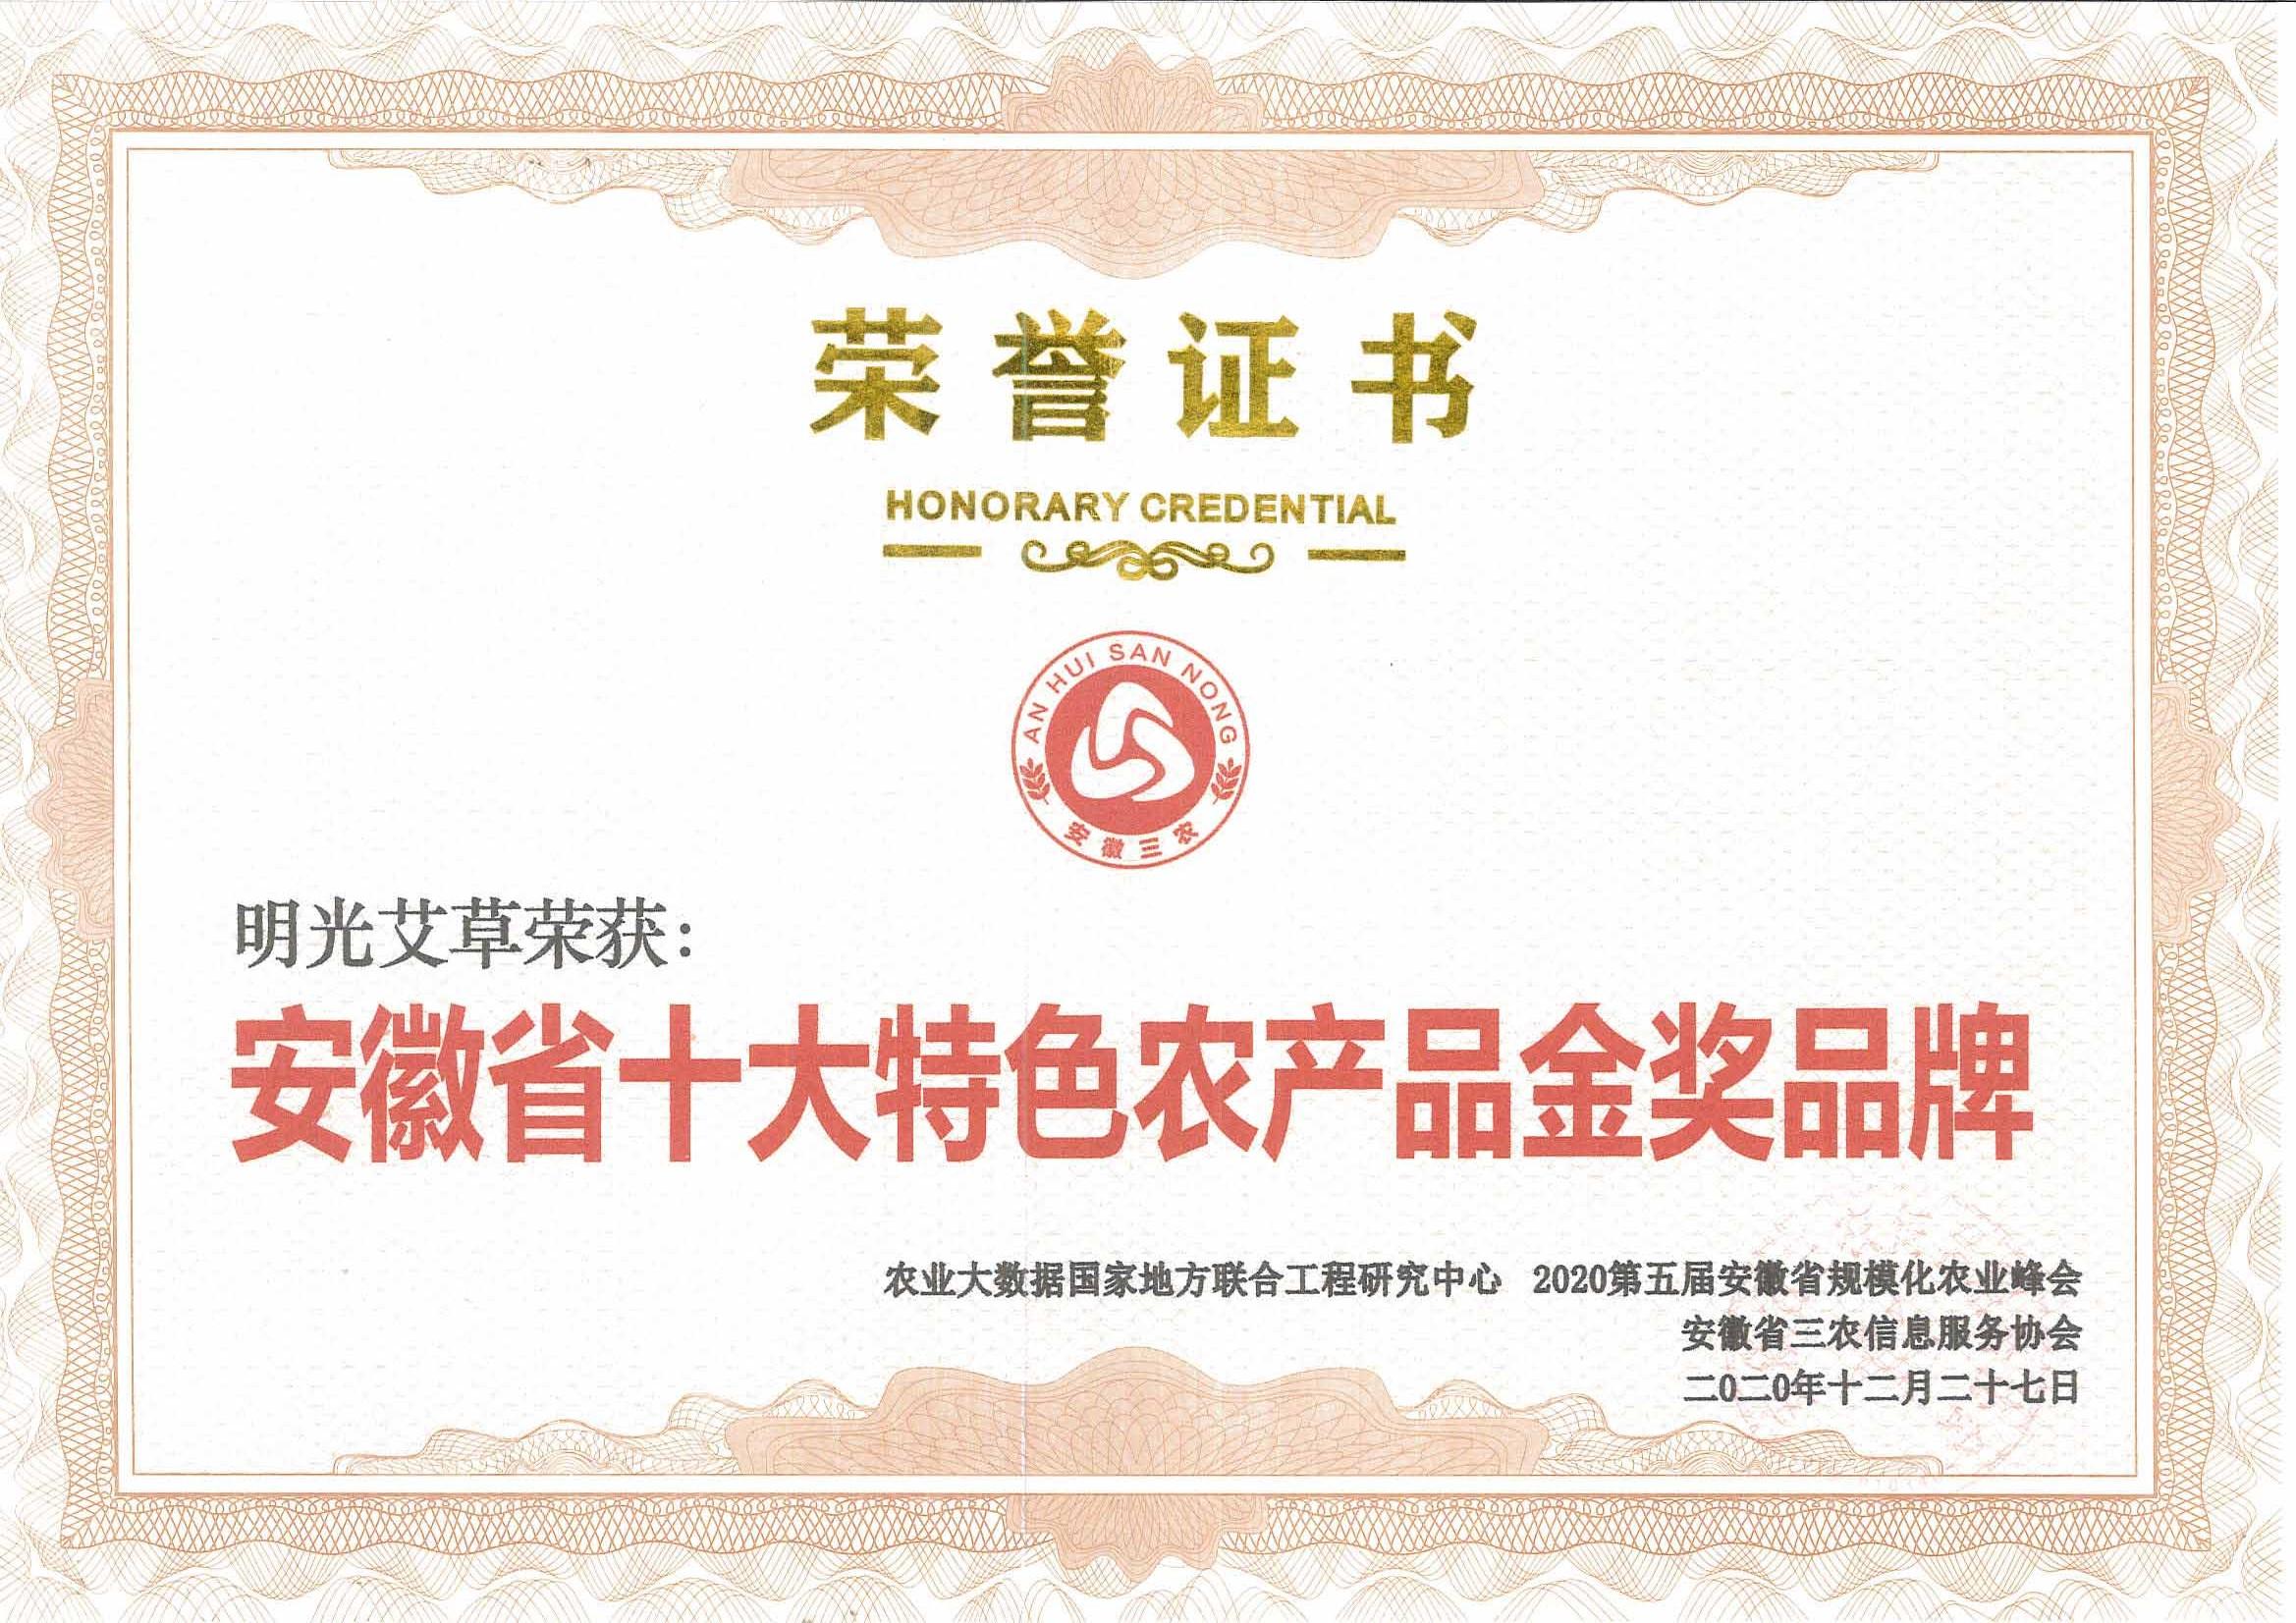 明光艾草安徽省十大特色农产品金奖